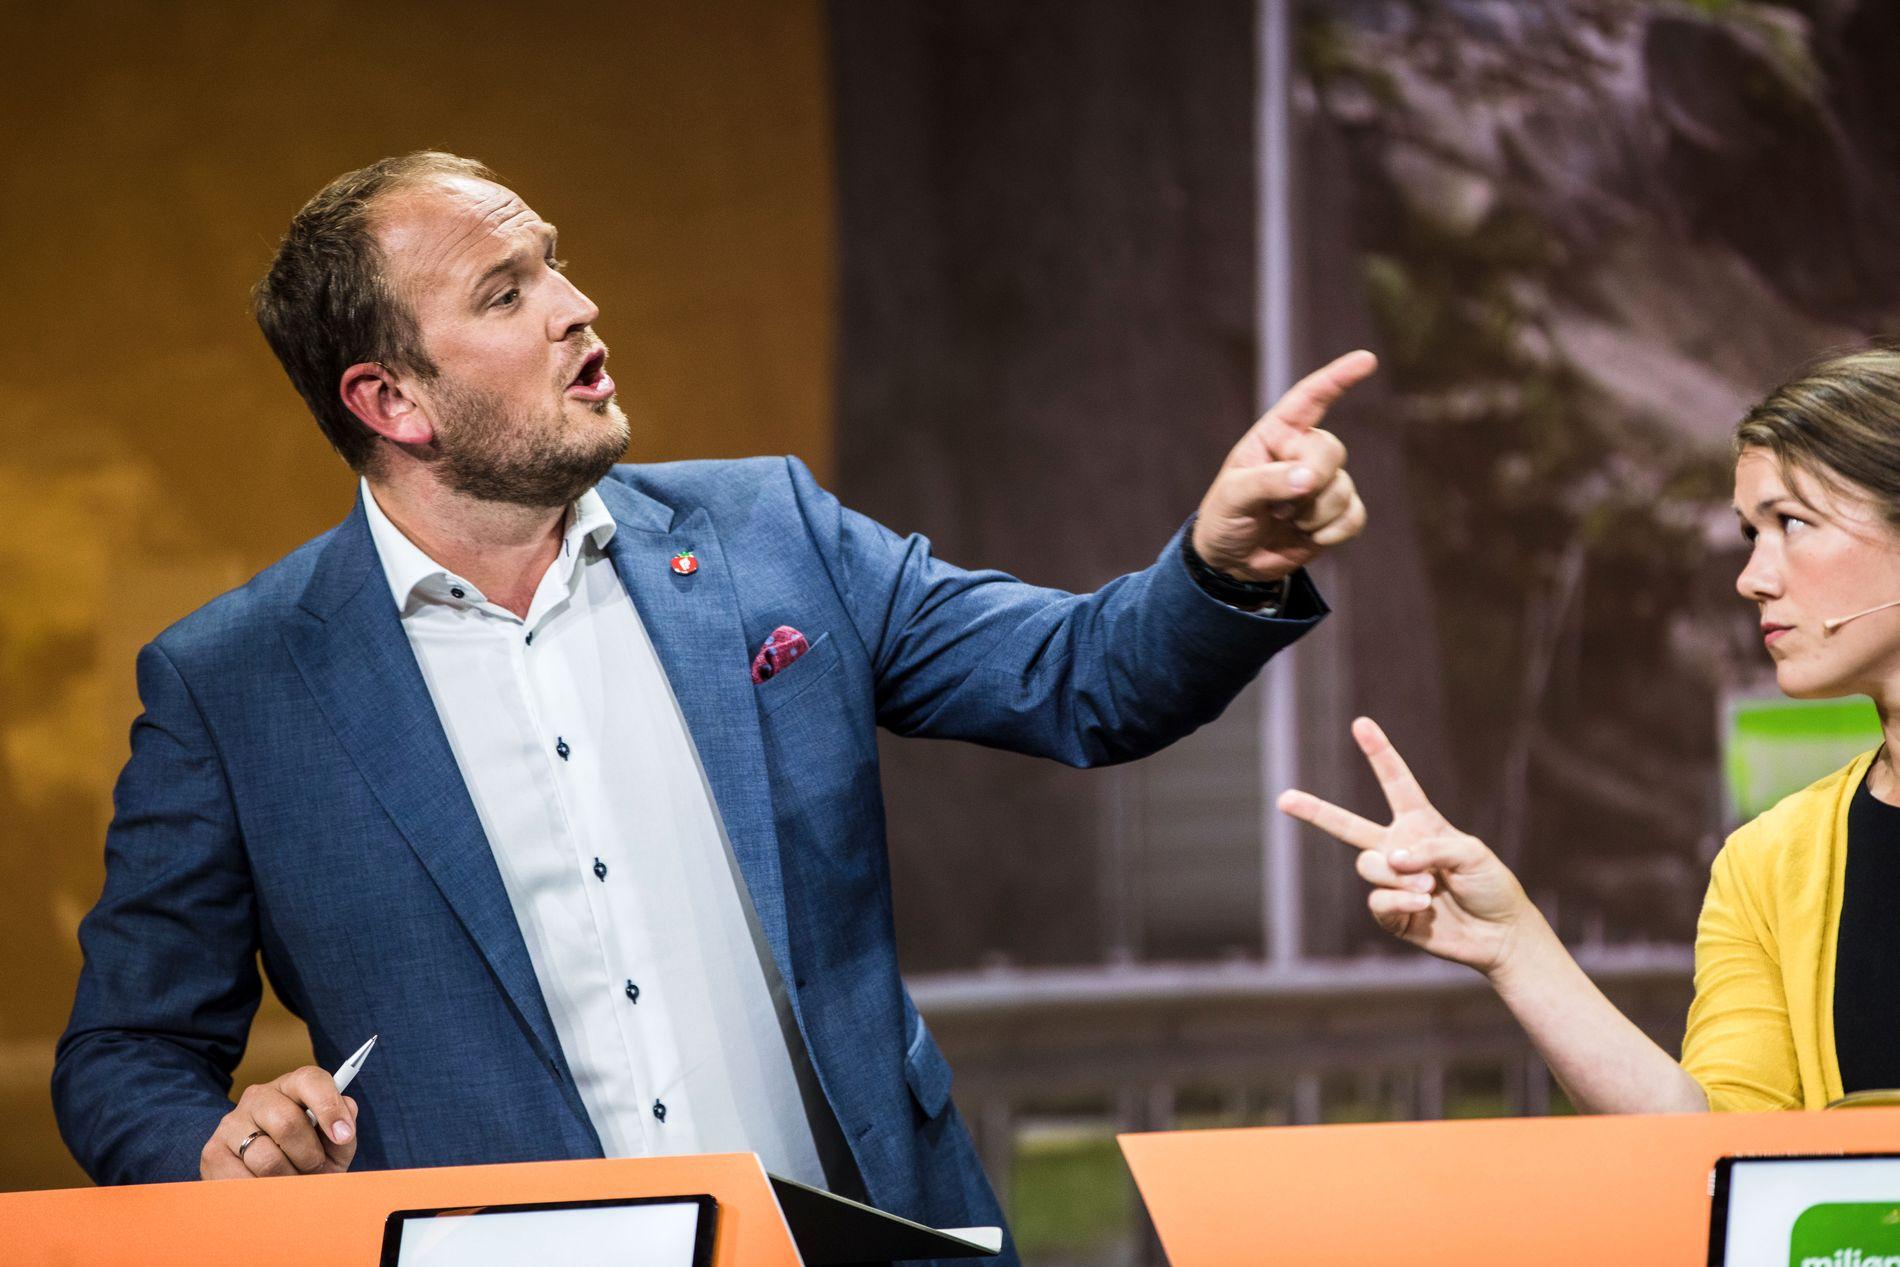 IMOT VEIPRISING: Samferdselsminister Jan Georg Dale (Frp) i debatt med Une Aina Bastholm (MDG) under Arendalsuka tirsdag ettermiddag.